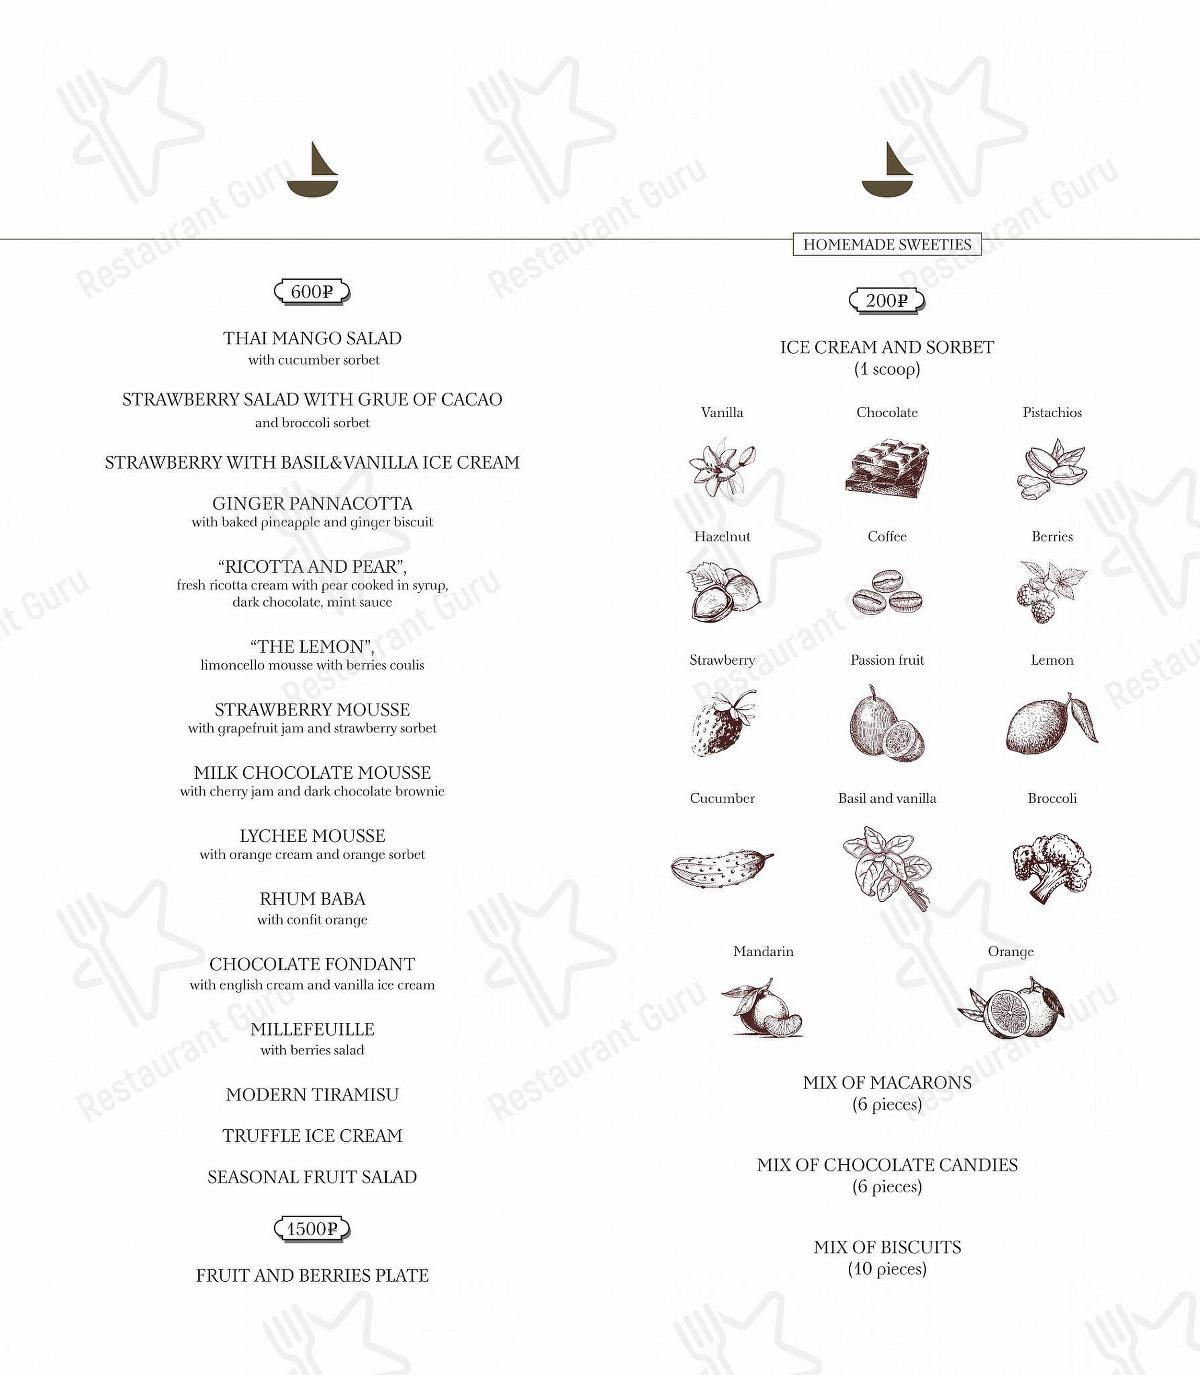 Меню Balzi Rossi restaurant - еда и напитки